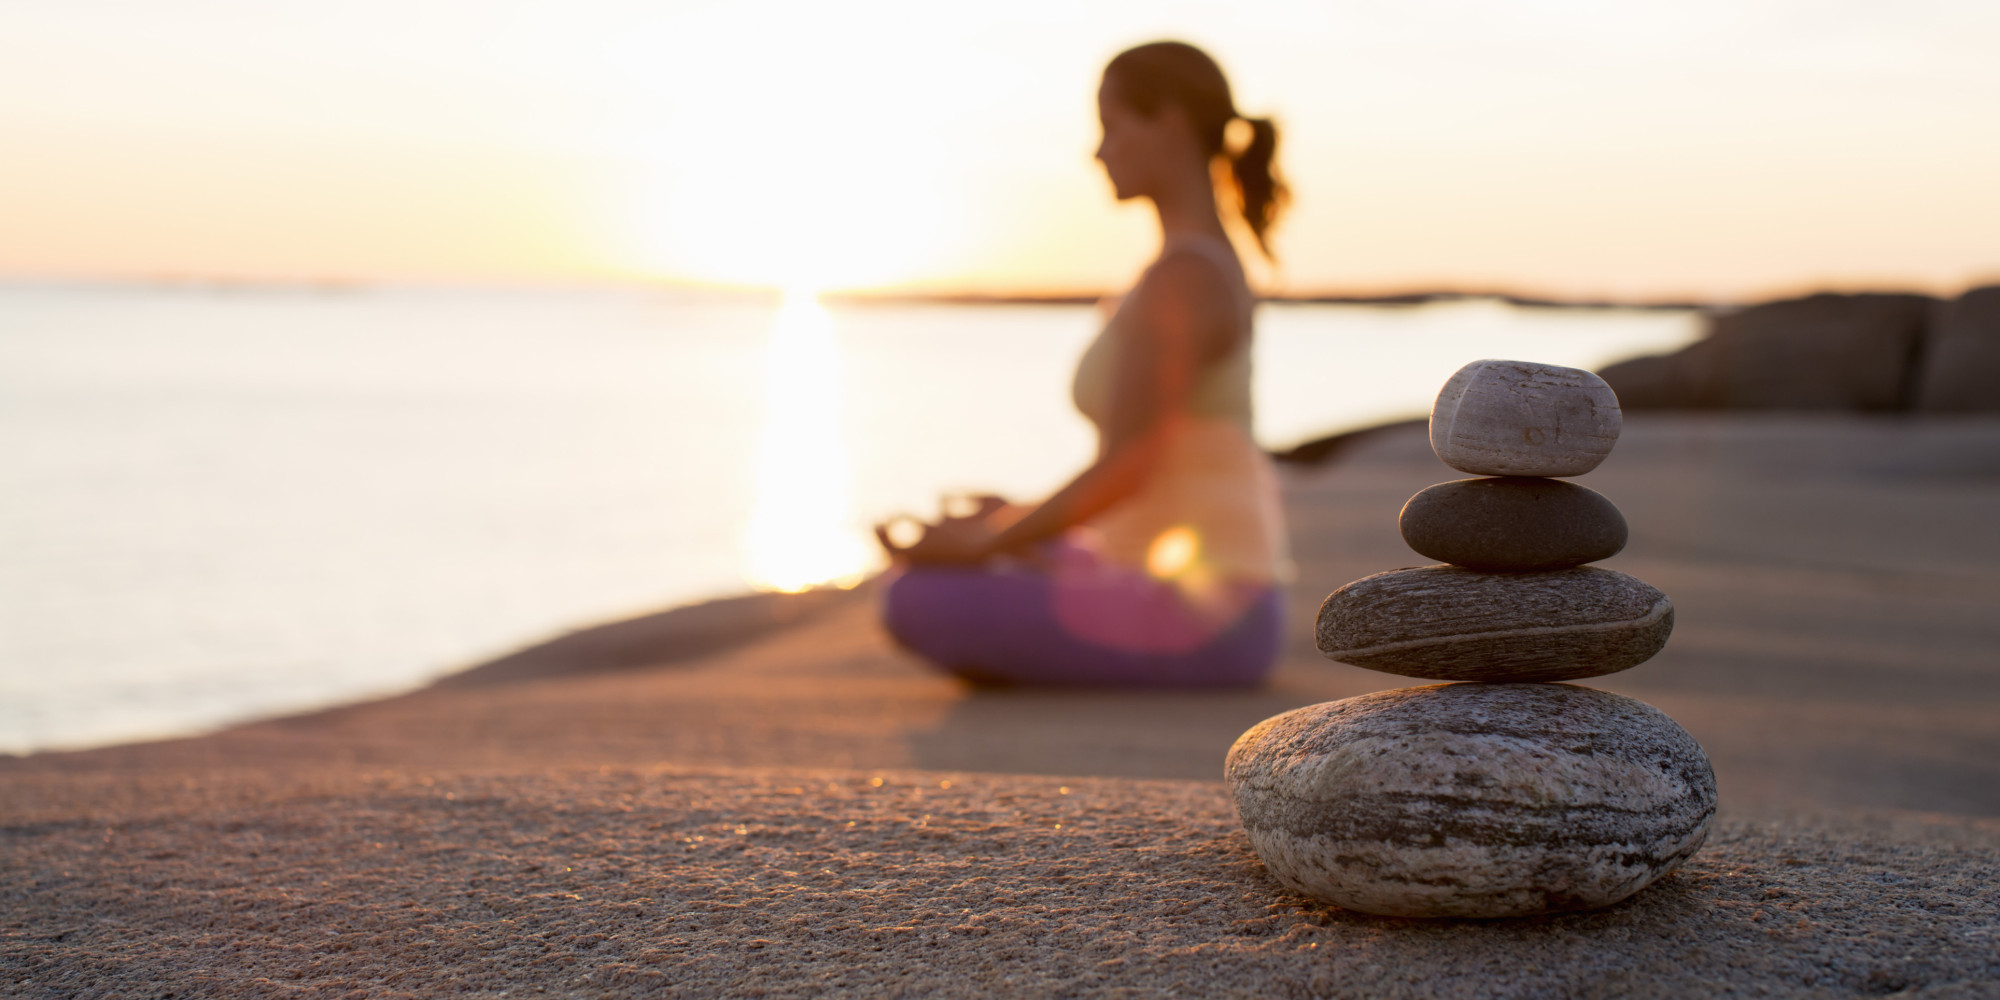 o-meditation-facebook.jpg